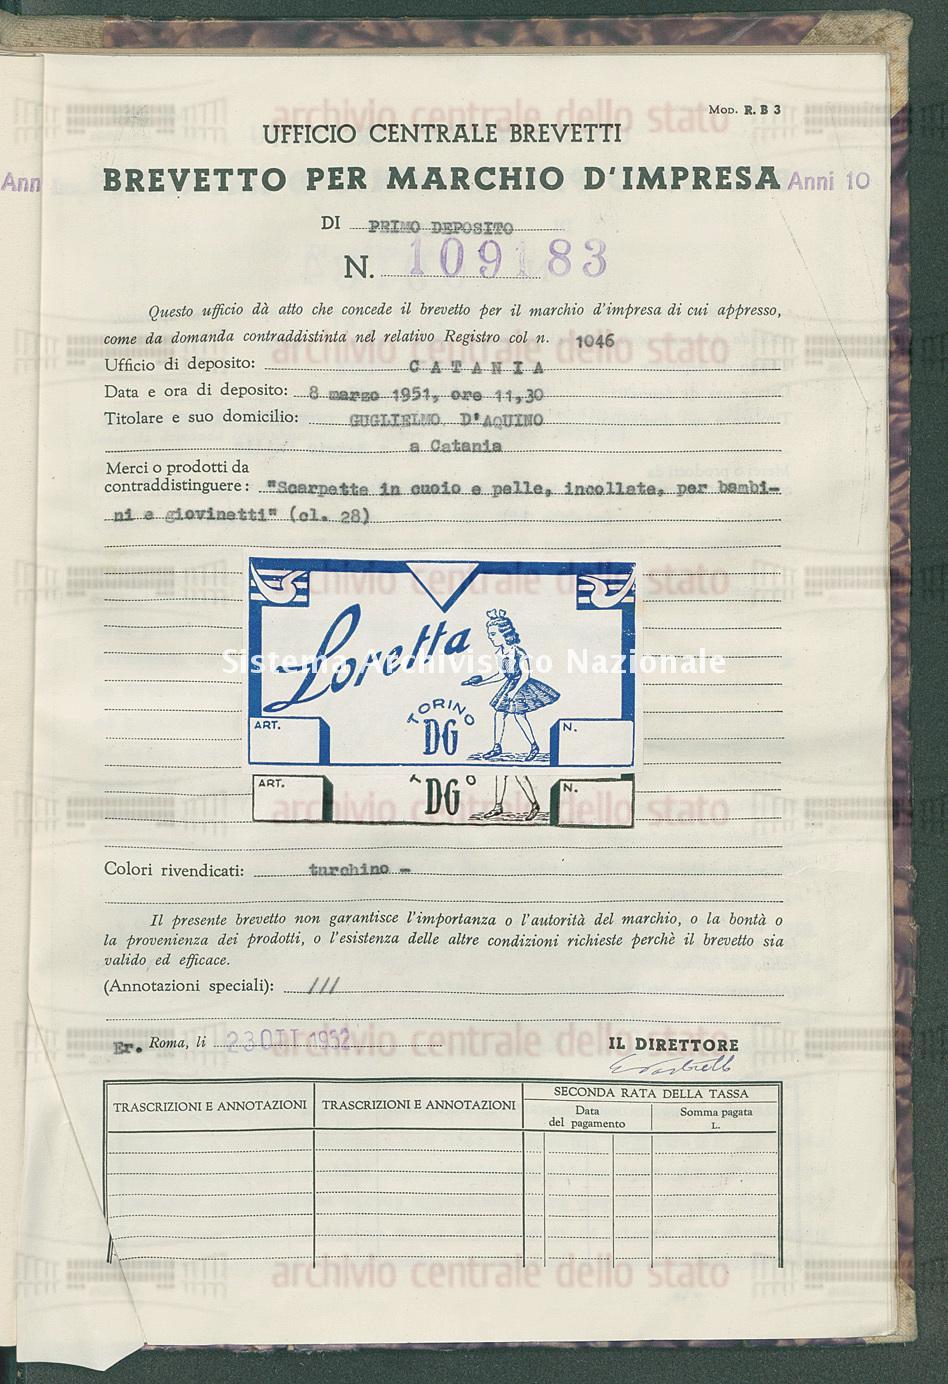 'Scarpette in cuoio e pelle, incollate, per bambini e giovinetti' Guglielmo D'Aquino (23/10/1952)